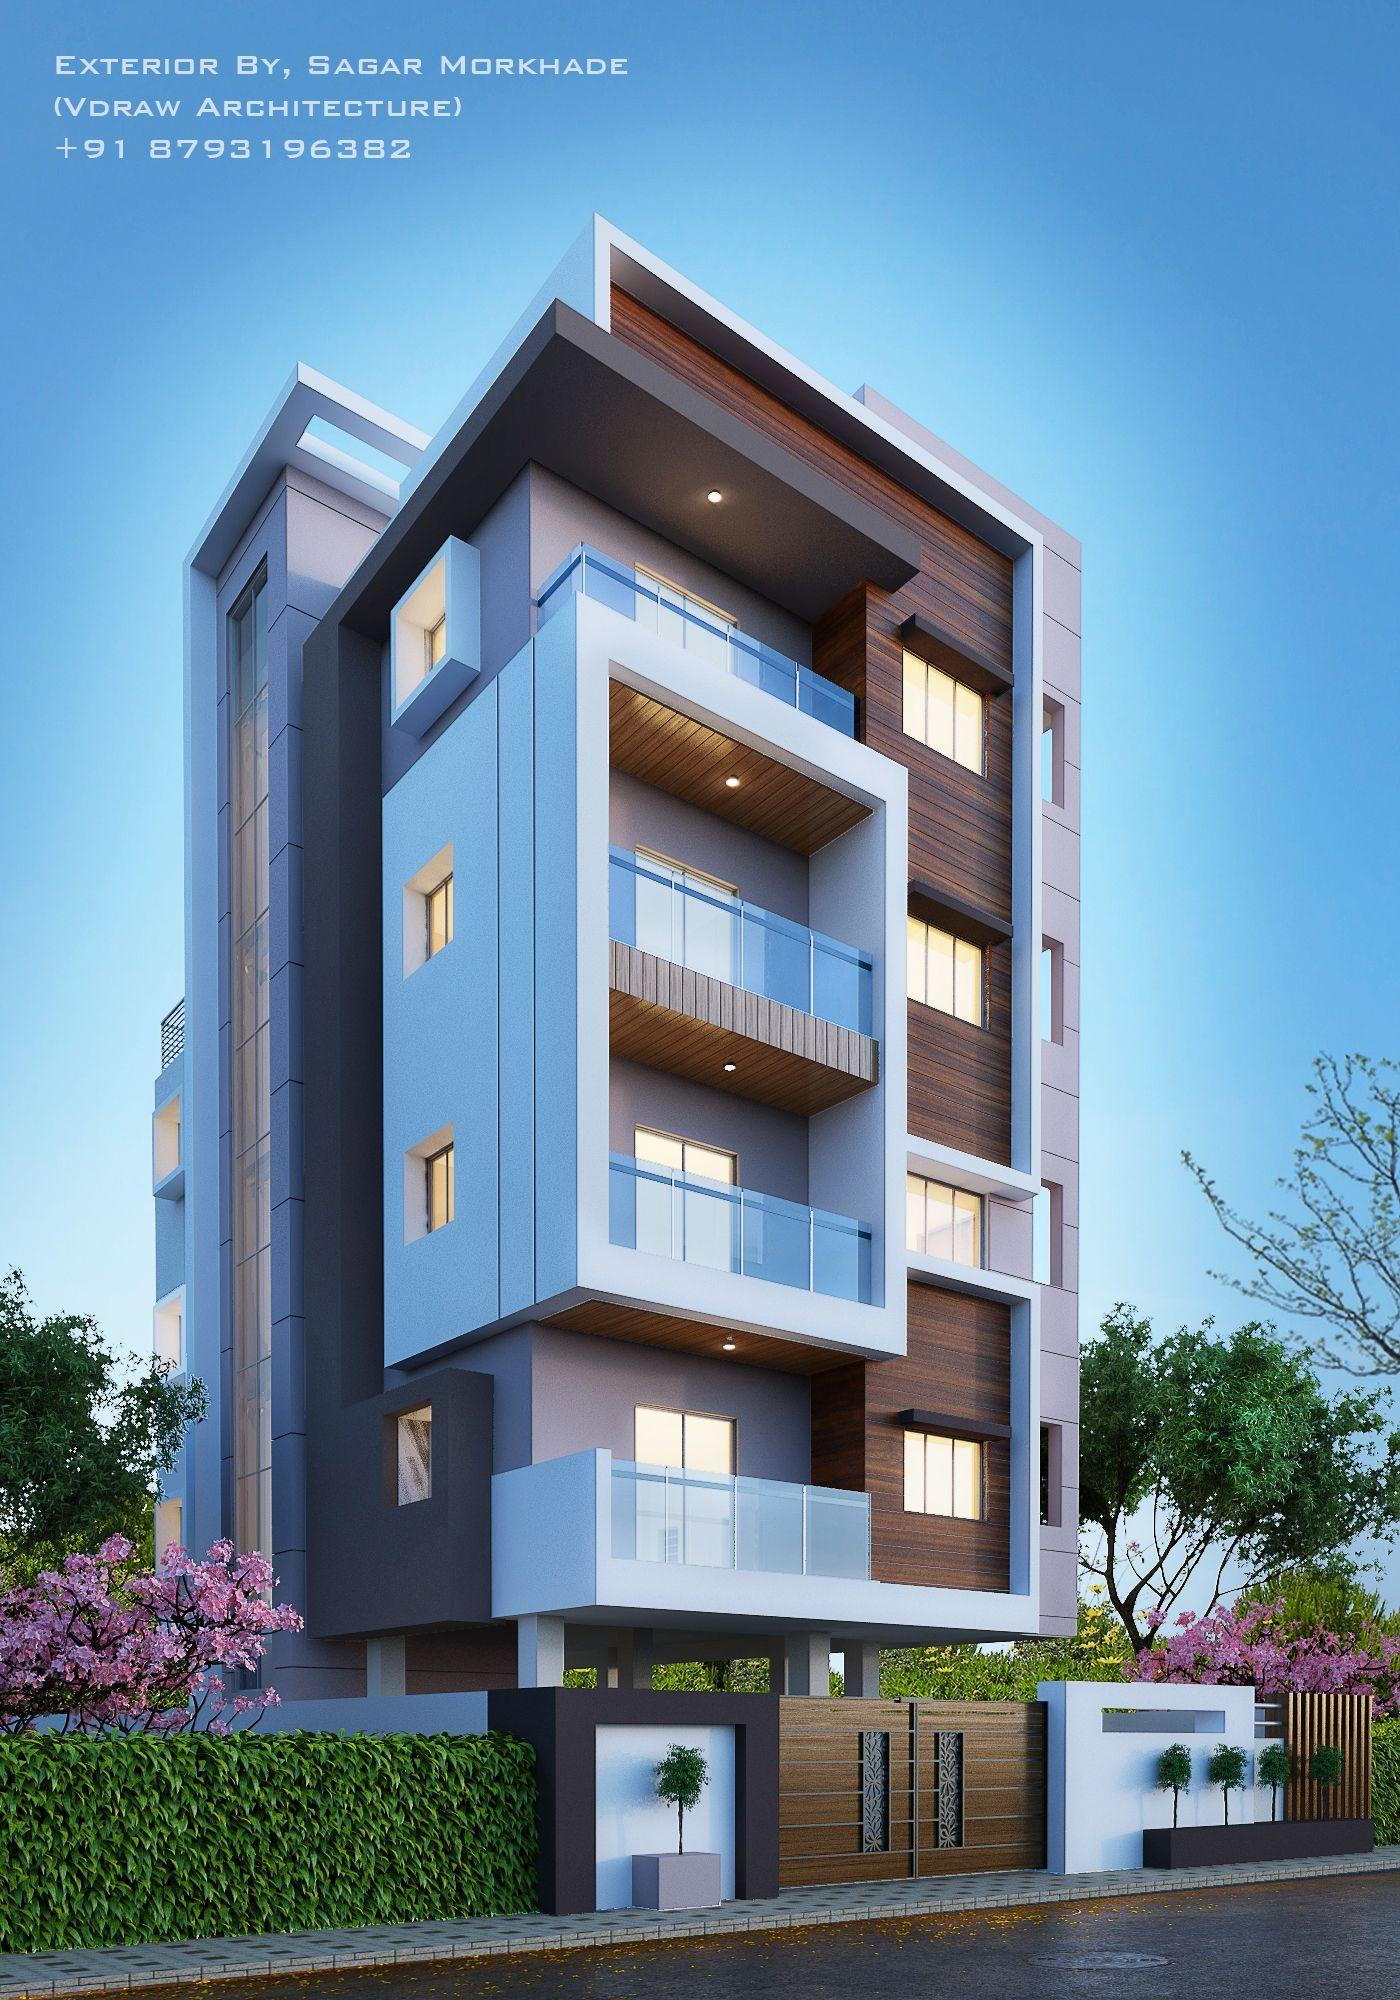 Modern House Bungalow Exterior By Ar Sagar Morkhade Vdraw Architecture 91 8793196382: Facade House, Facade Architecture Design, Apartment